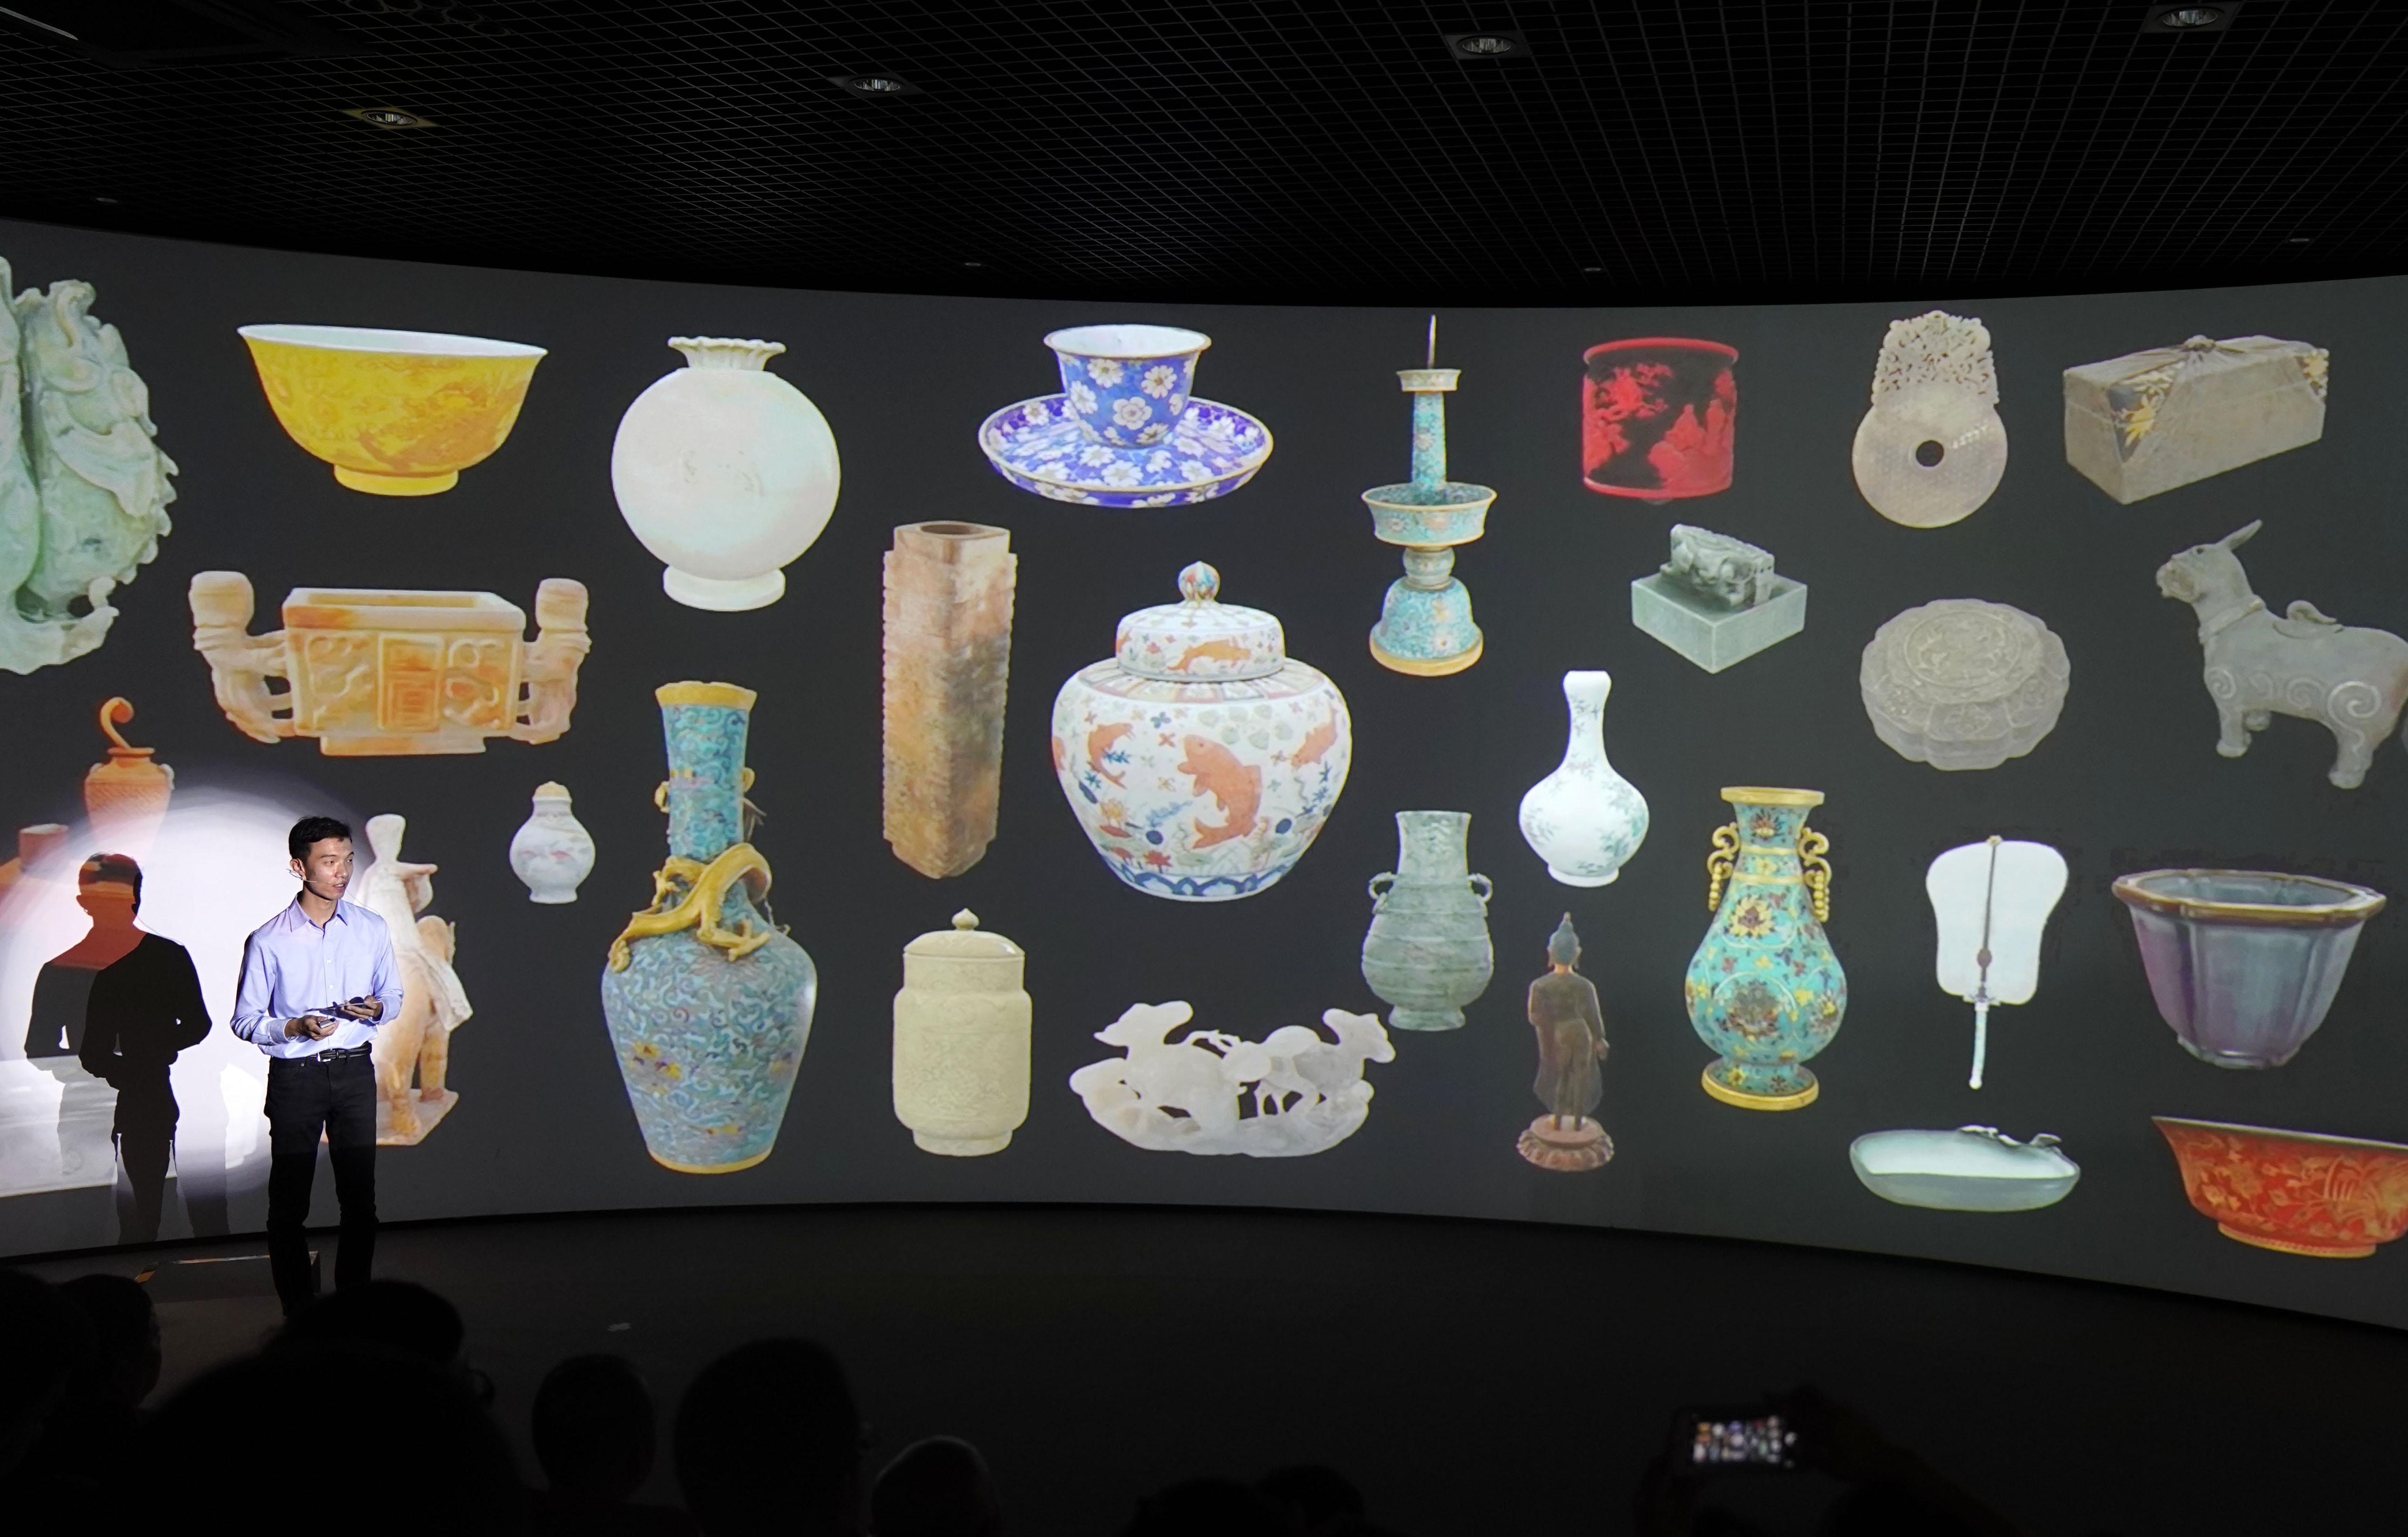 文化財をデジタル化、故宮博物院が7種類の製品を発表